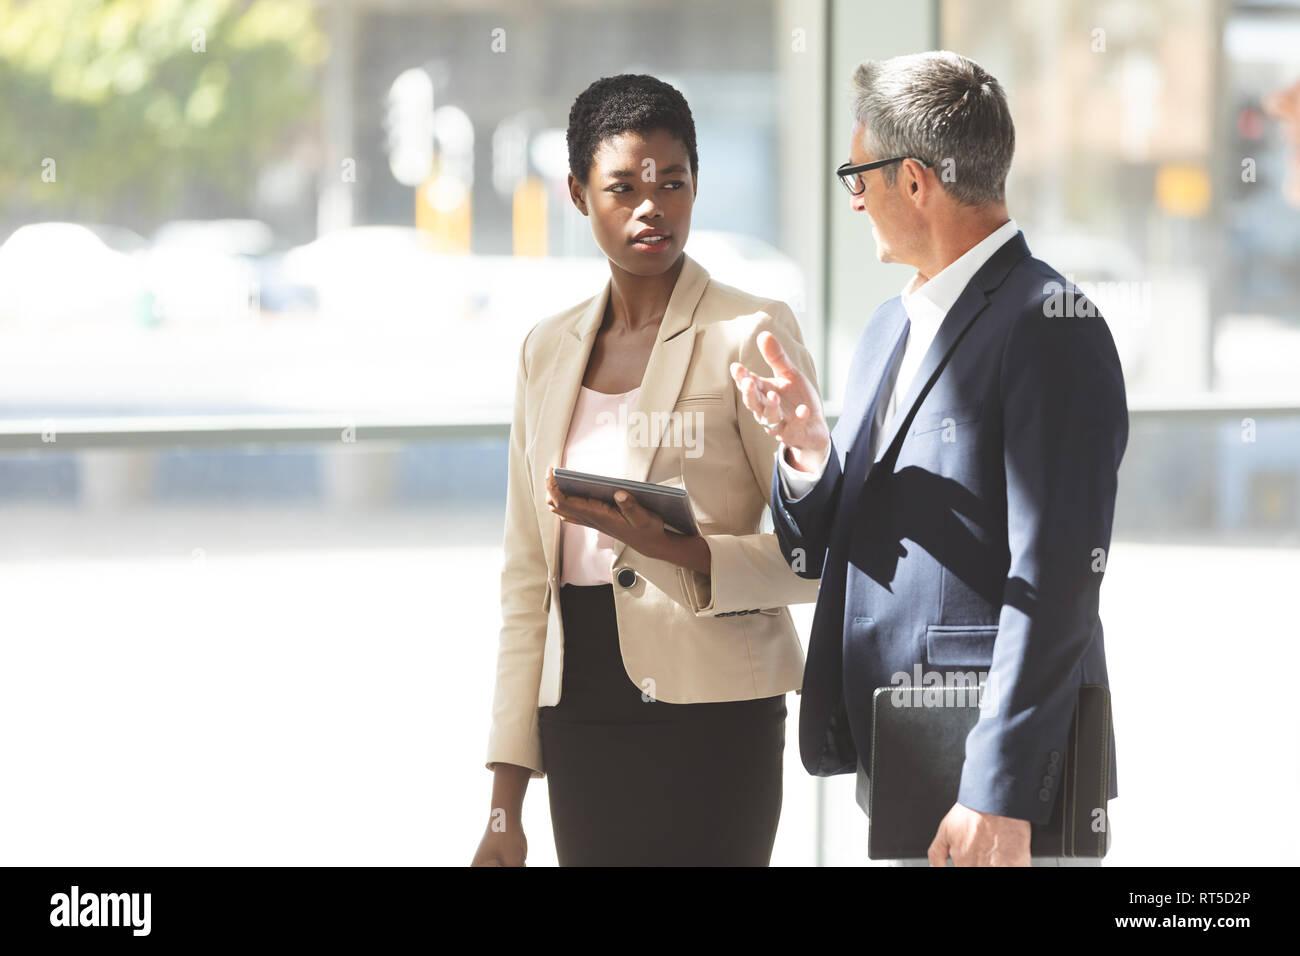 La gente de negocios que interactúan unos con otros en el vestíbulo Foto de stock